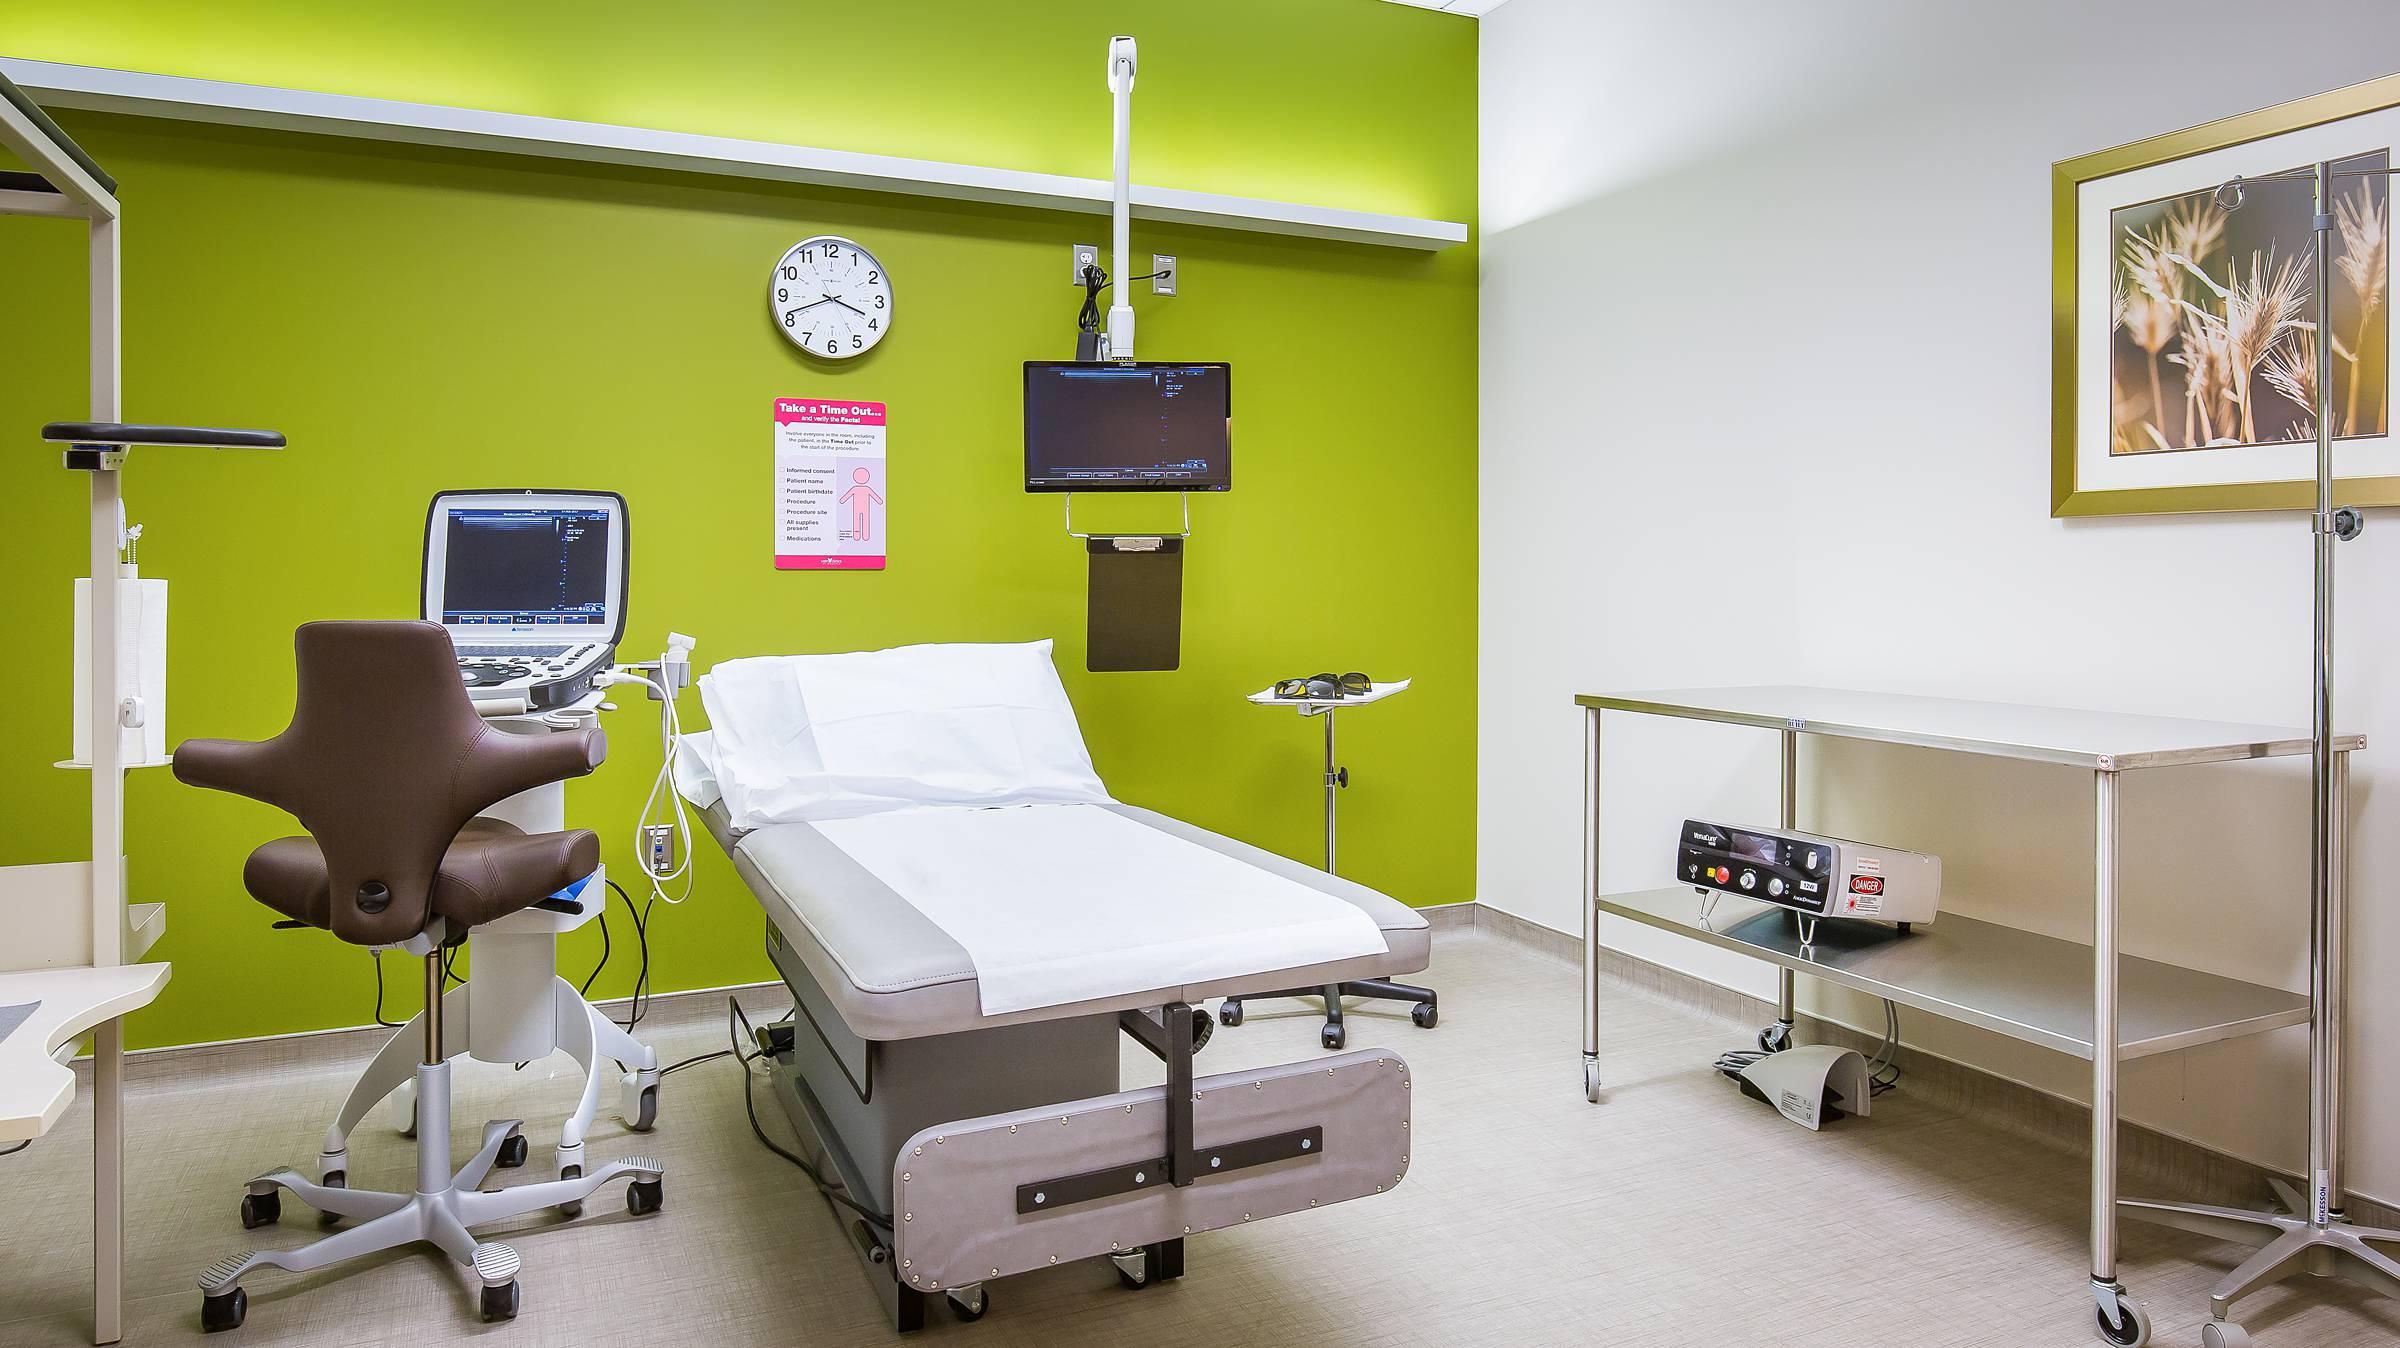 Vein Clinics Of America Skokie Illinois Google Maps